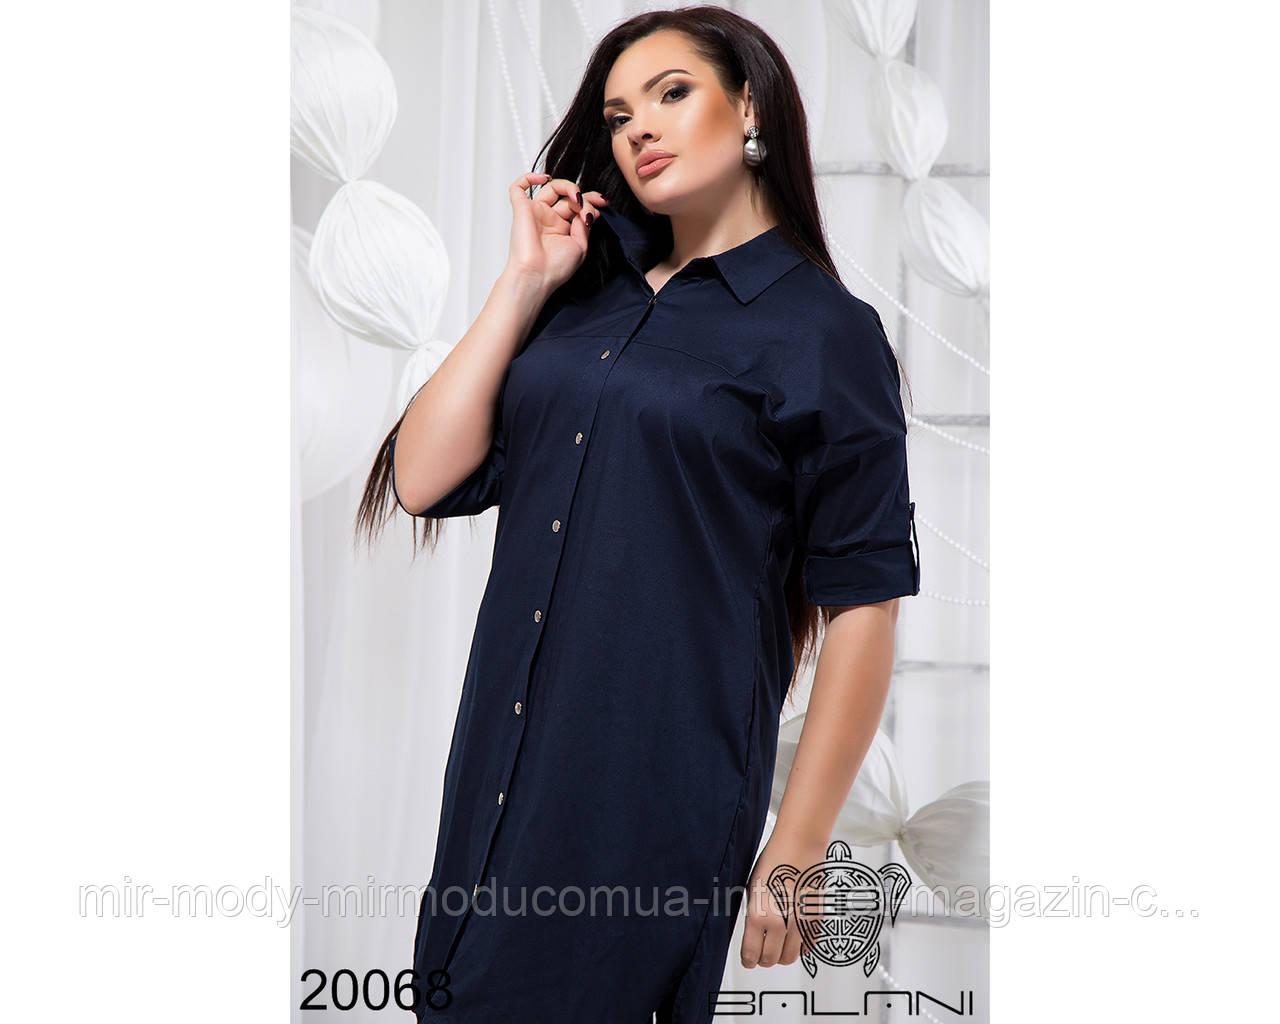 Стильное платье рубашка - 20068 с 48 по 54 размер бн